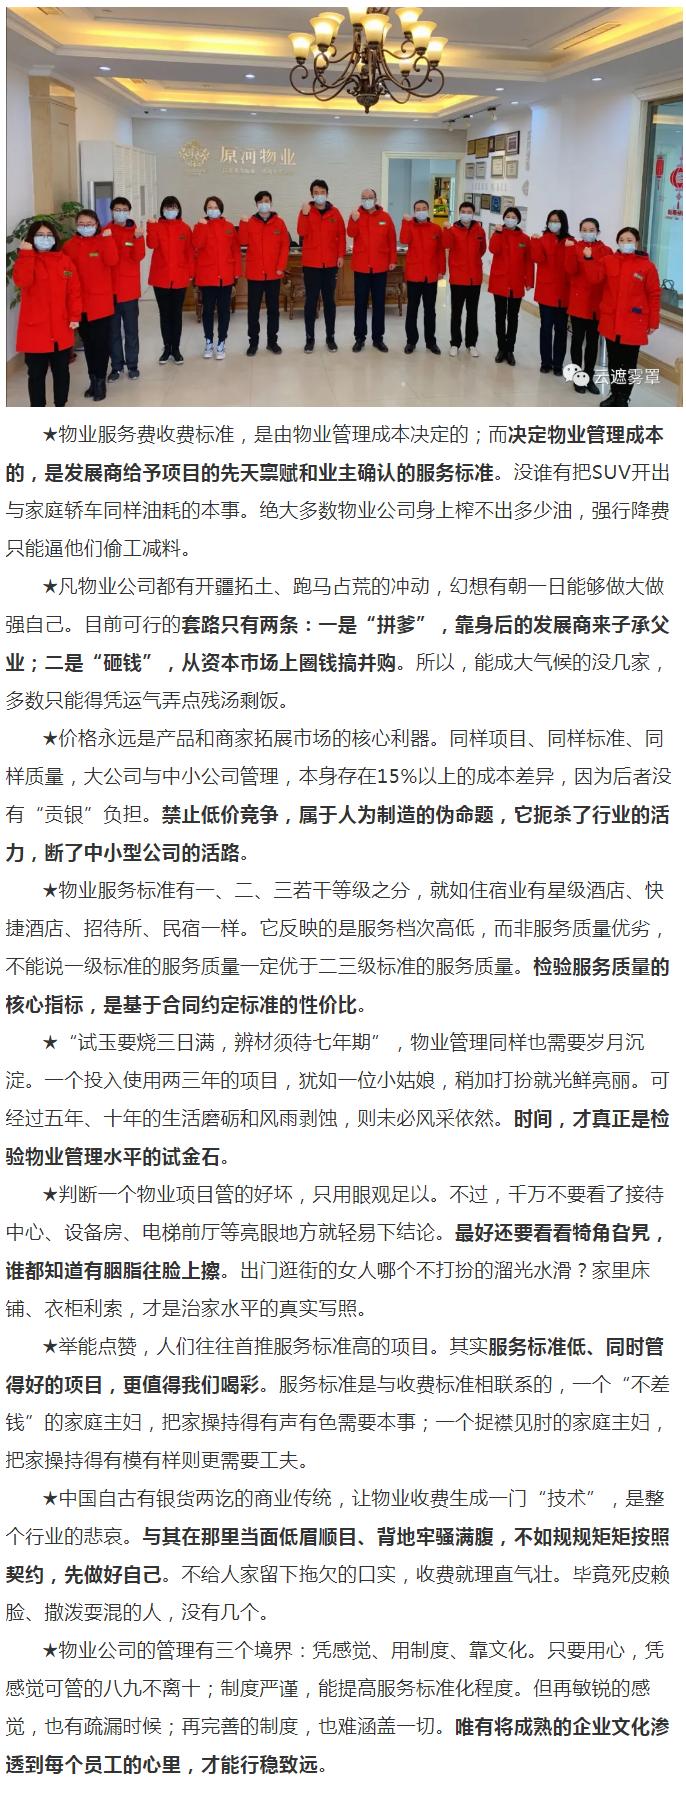 """关于物业管理的九个另类""""段子"""".png"""